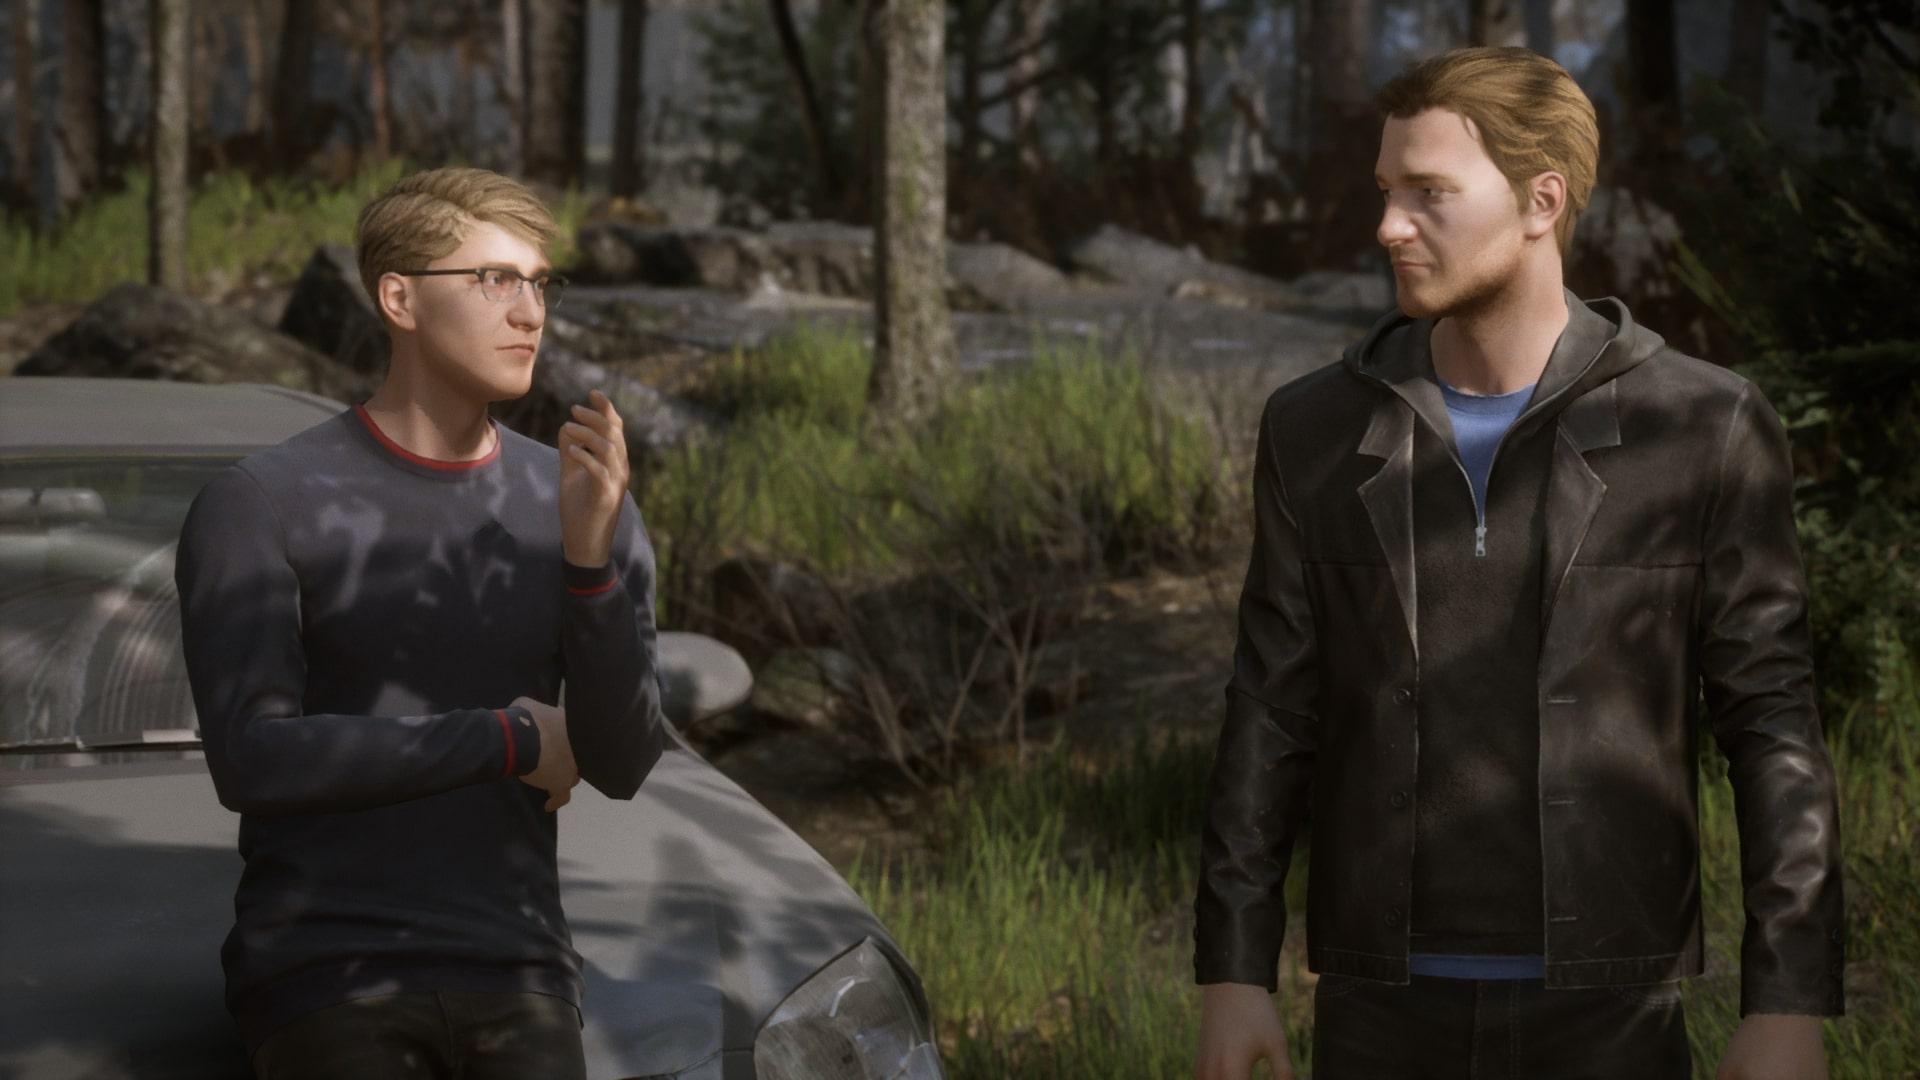 Twin-Mirror-Sam-grafica-videogioco